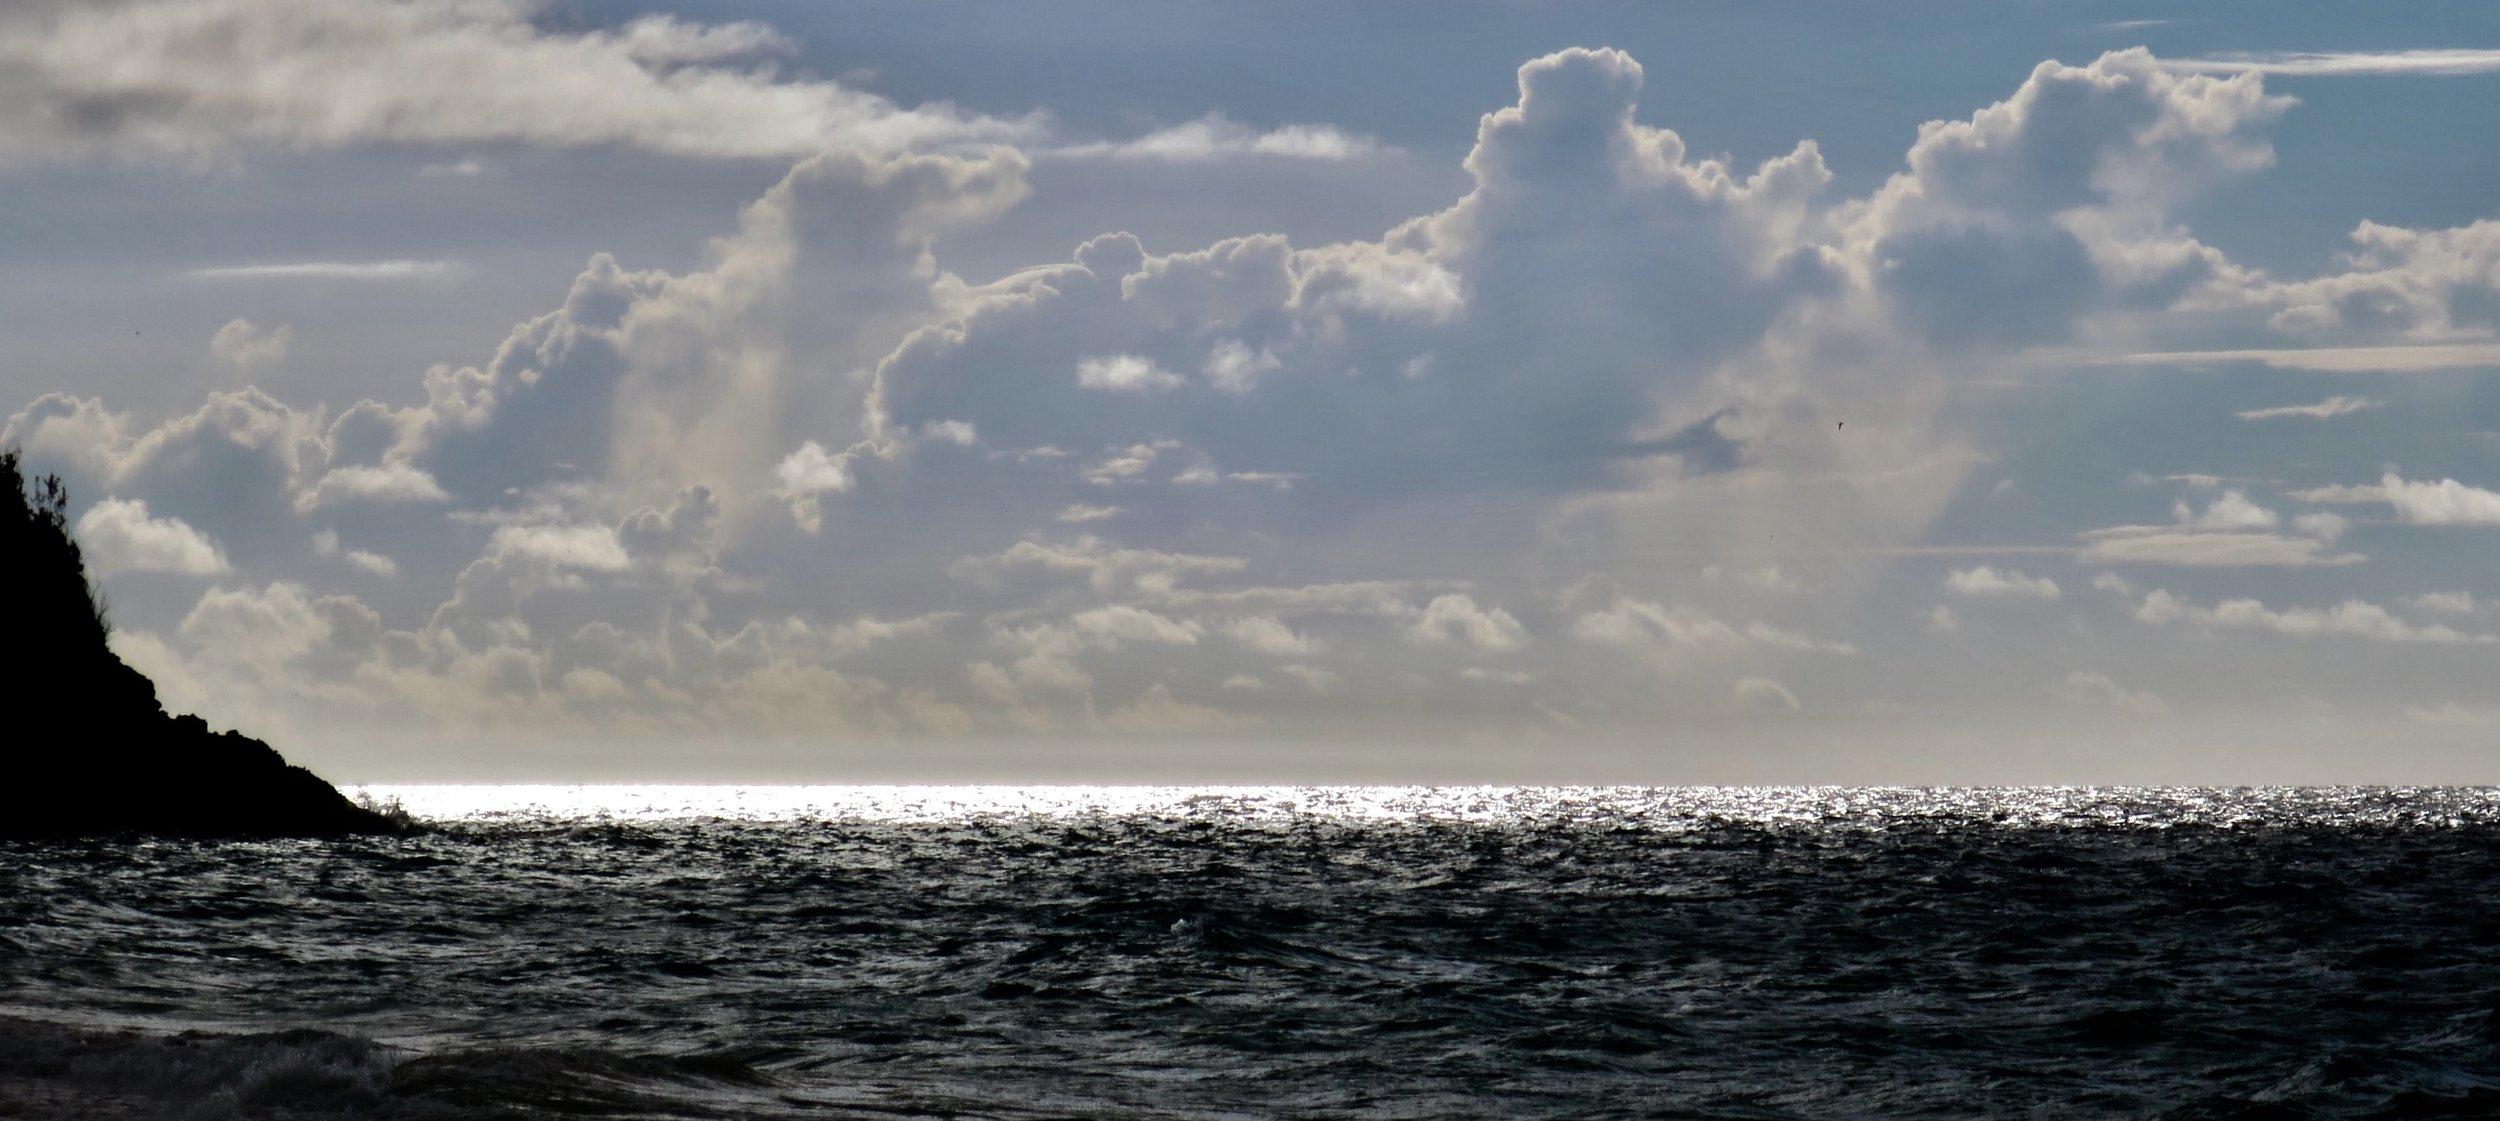 sea-silvered, bermuda © colin goedecke